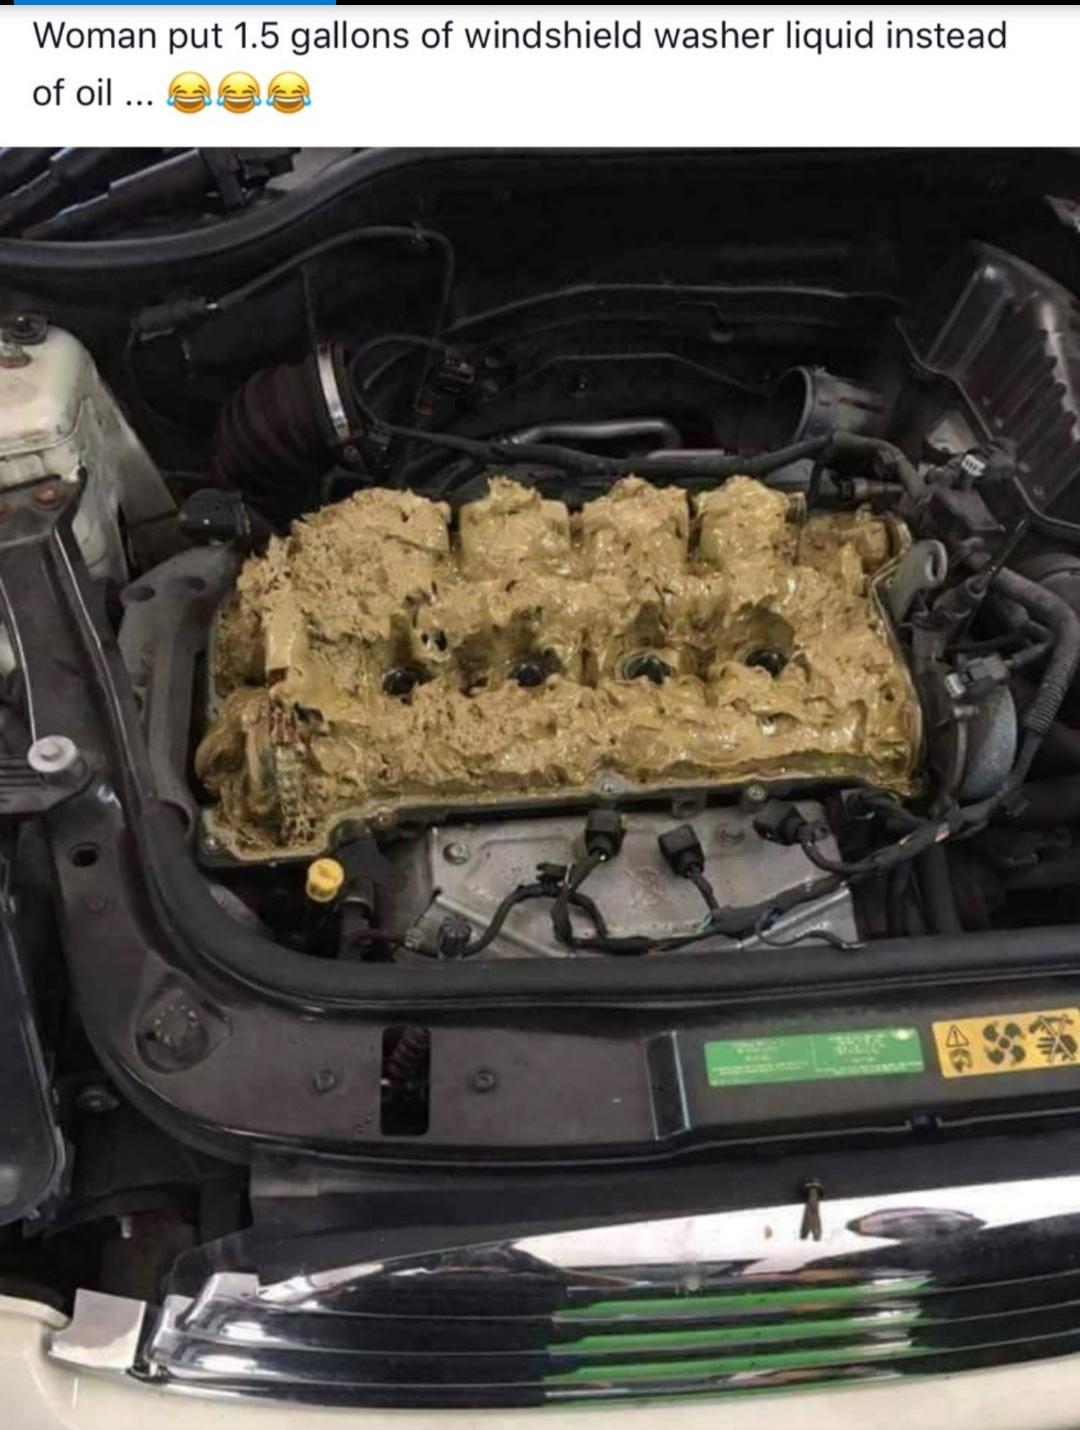 líquido de lavagem no óleo do motor - mulher colocar 1,5 litros de líquido de lavagem do pára-brisa em vez de óleo ... ae